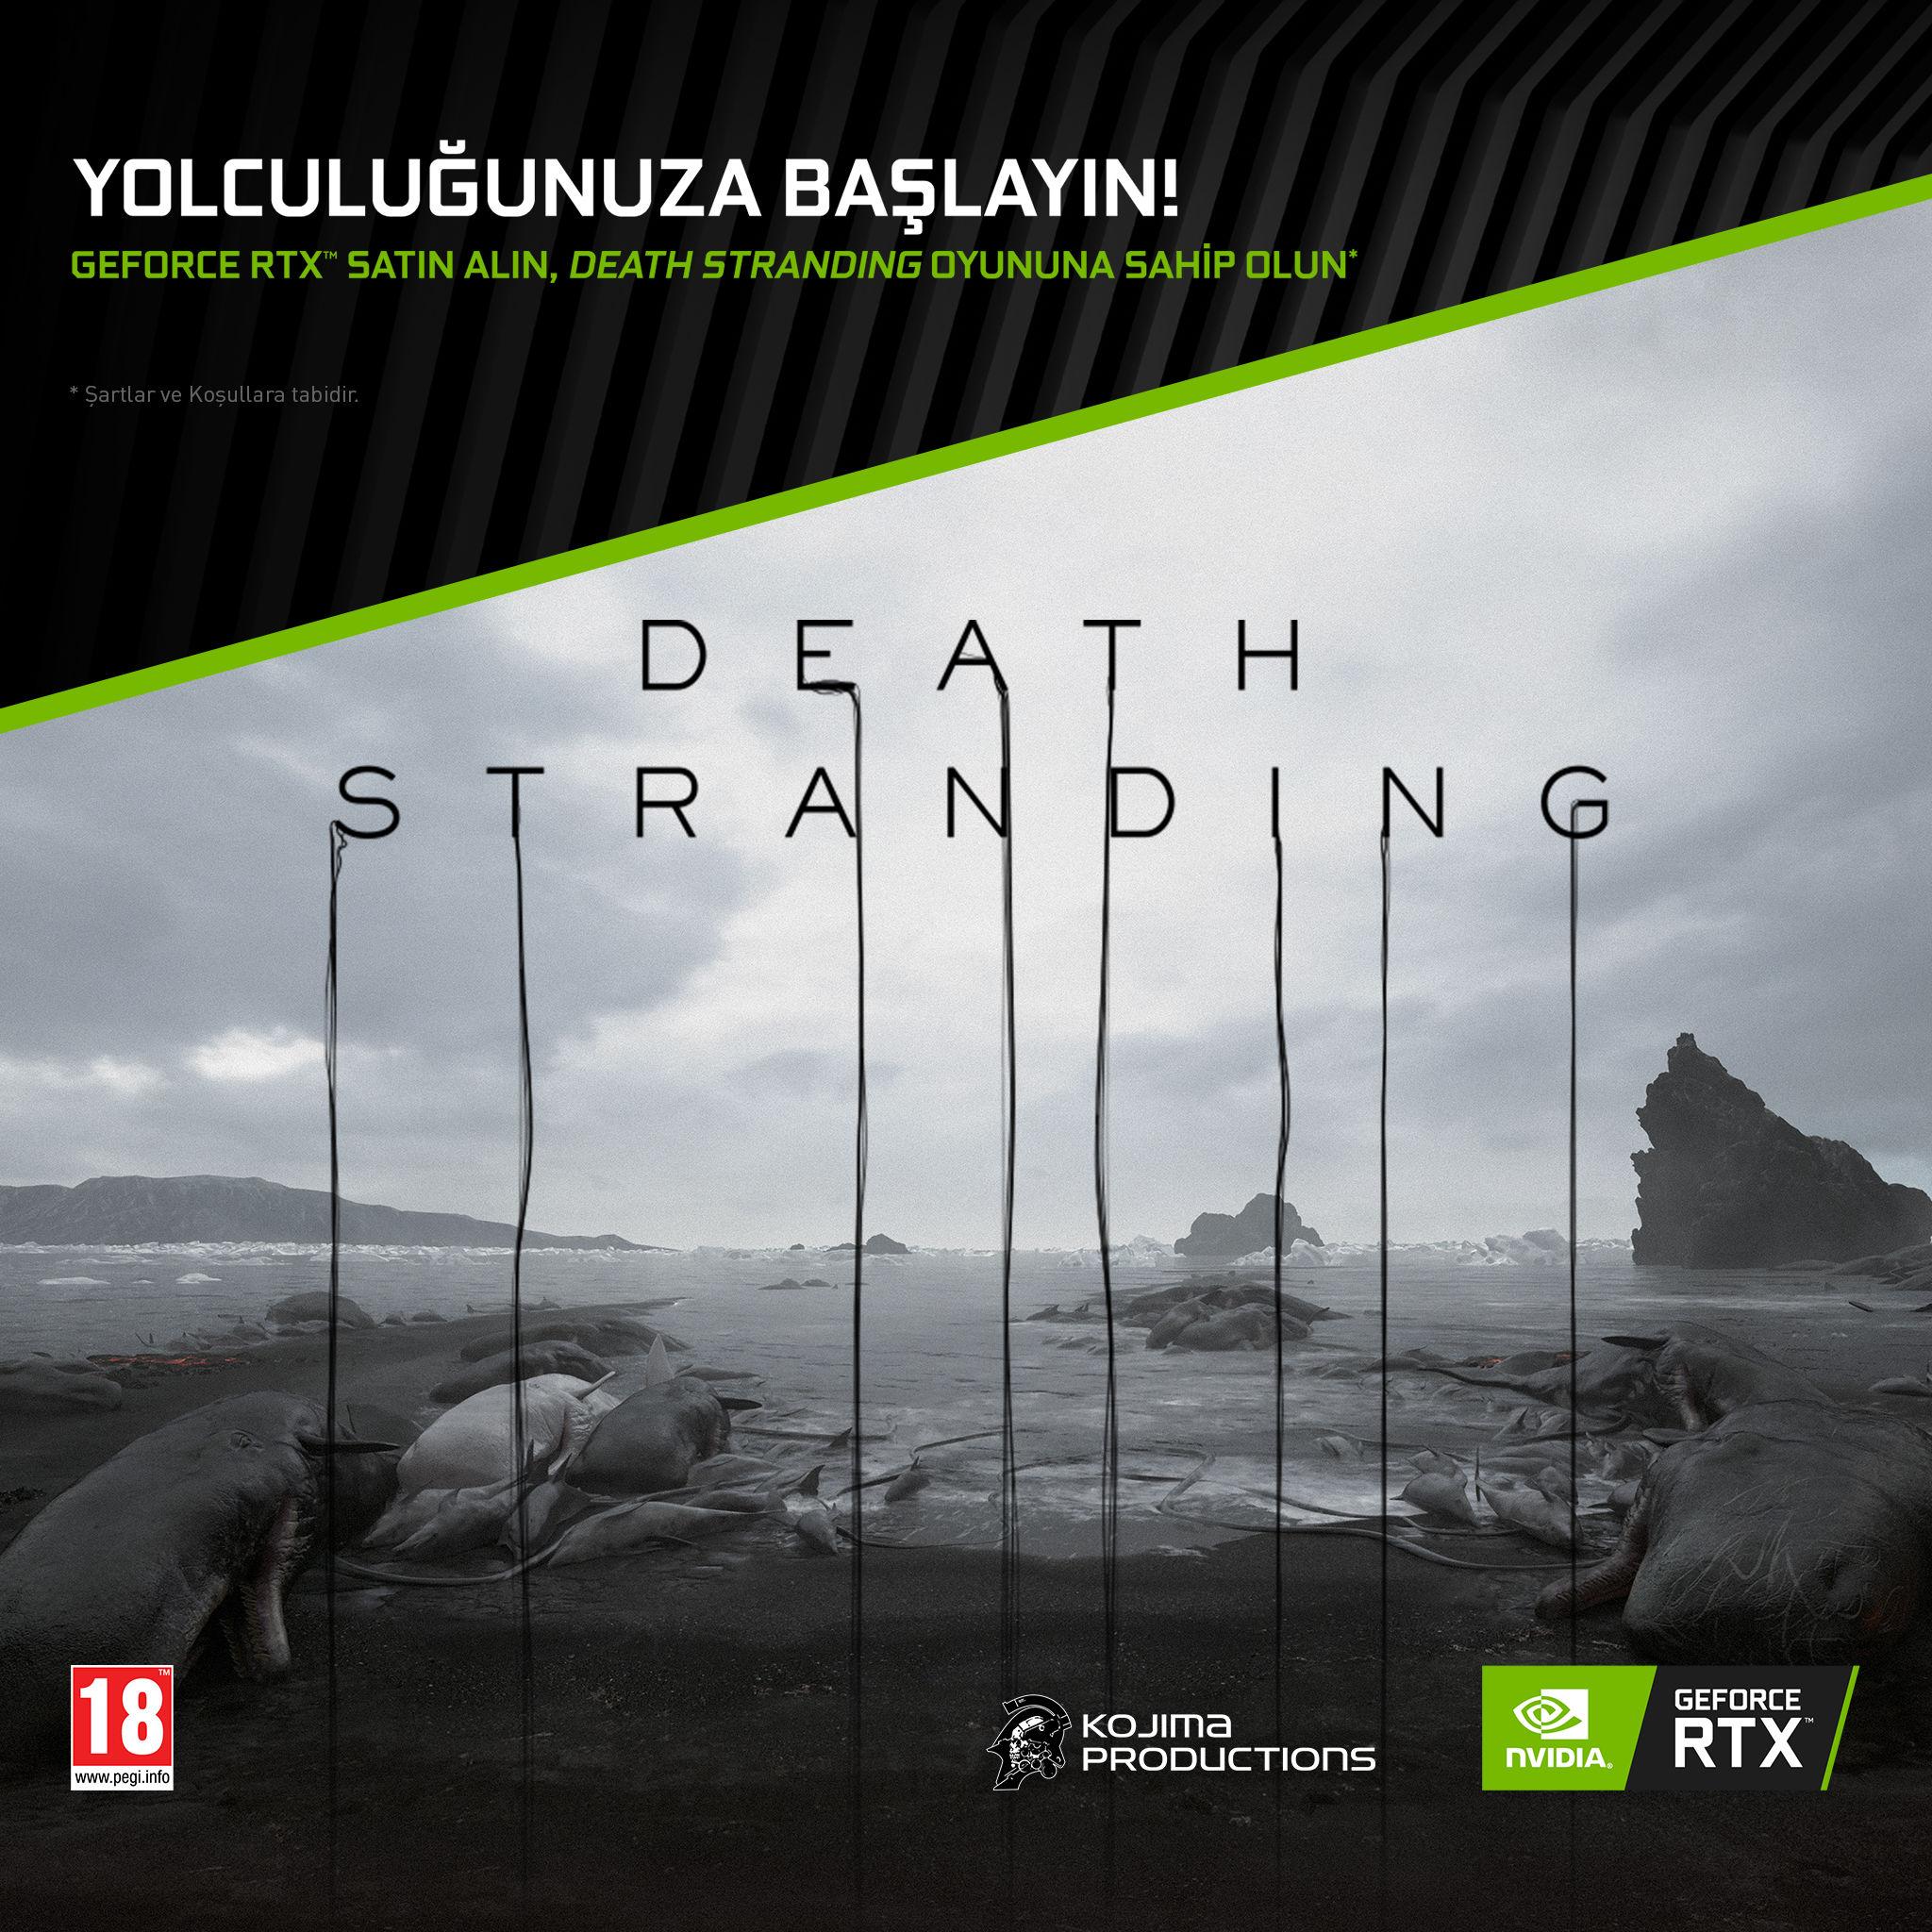 GeForce RTX kart alanlara Death Stranding bedava verilecek